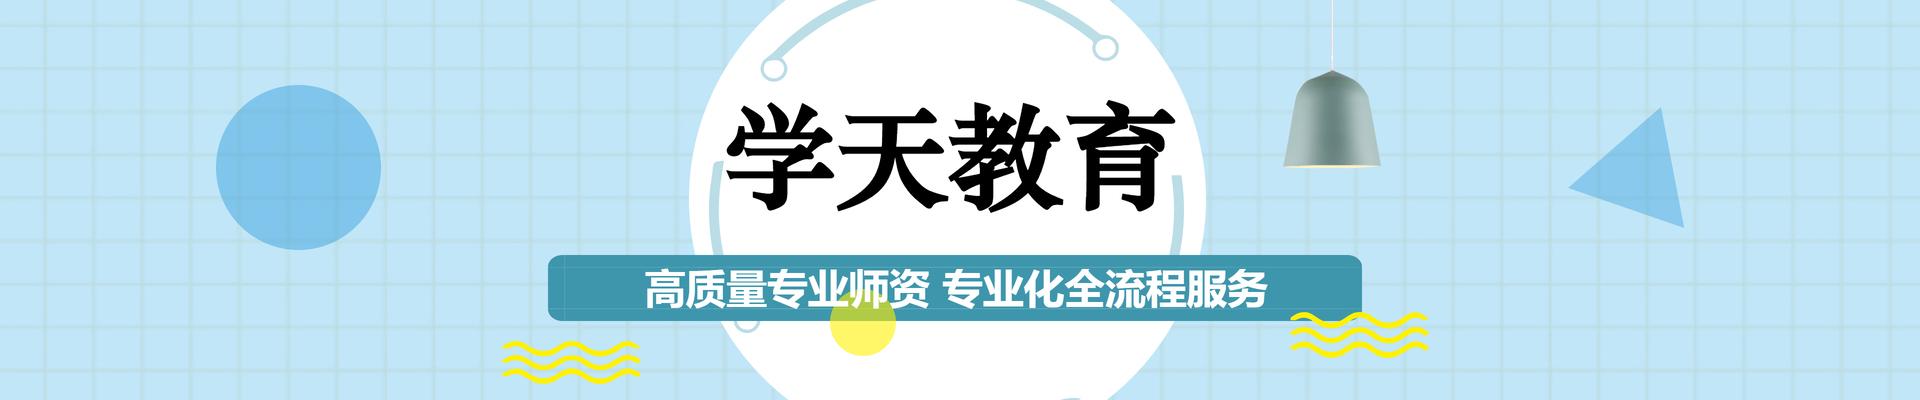 安徽合肥蜀山学天教育培训